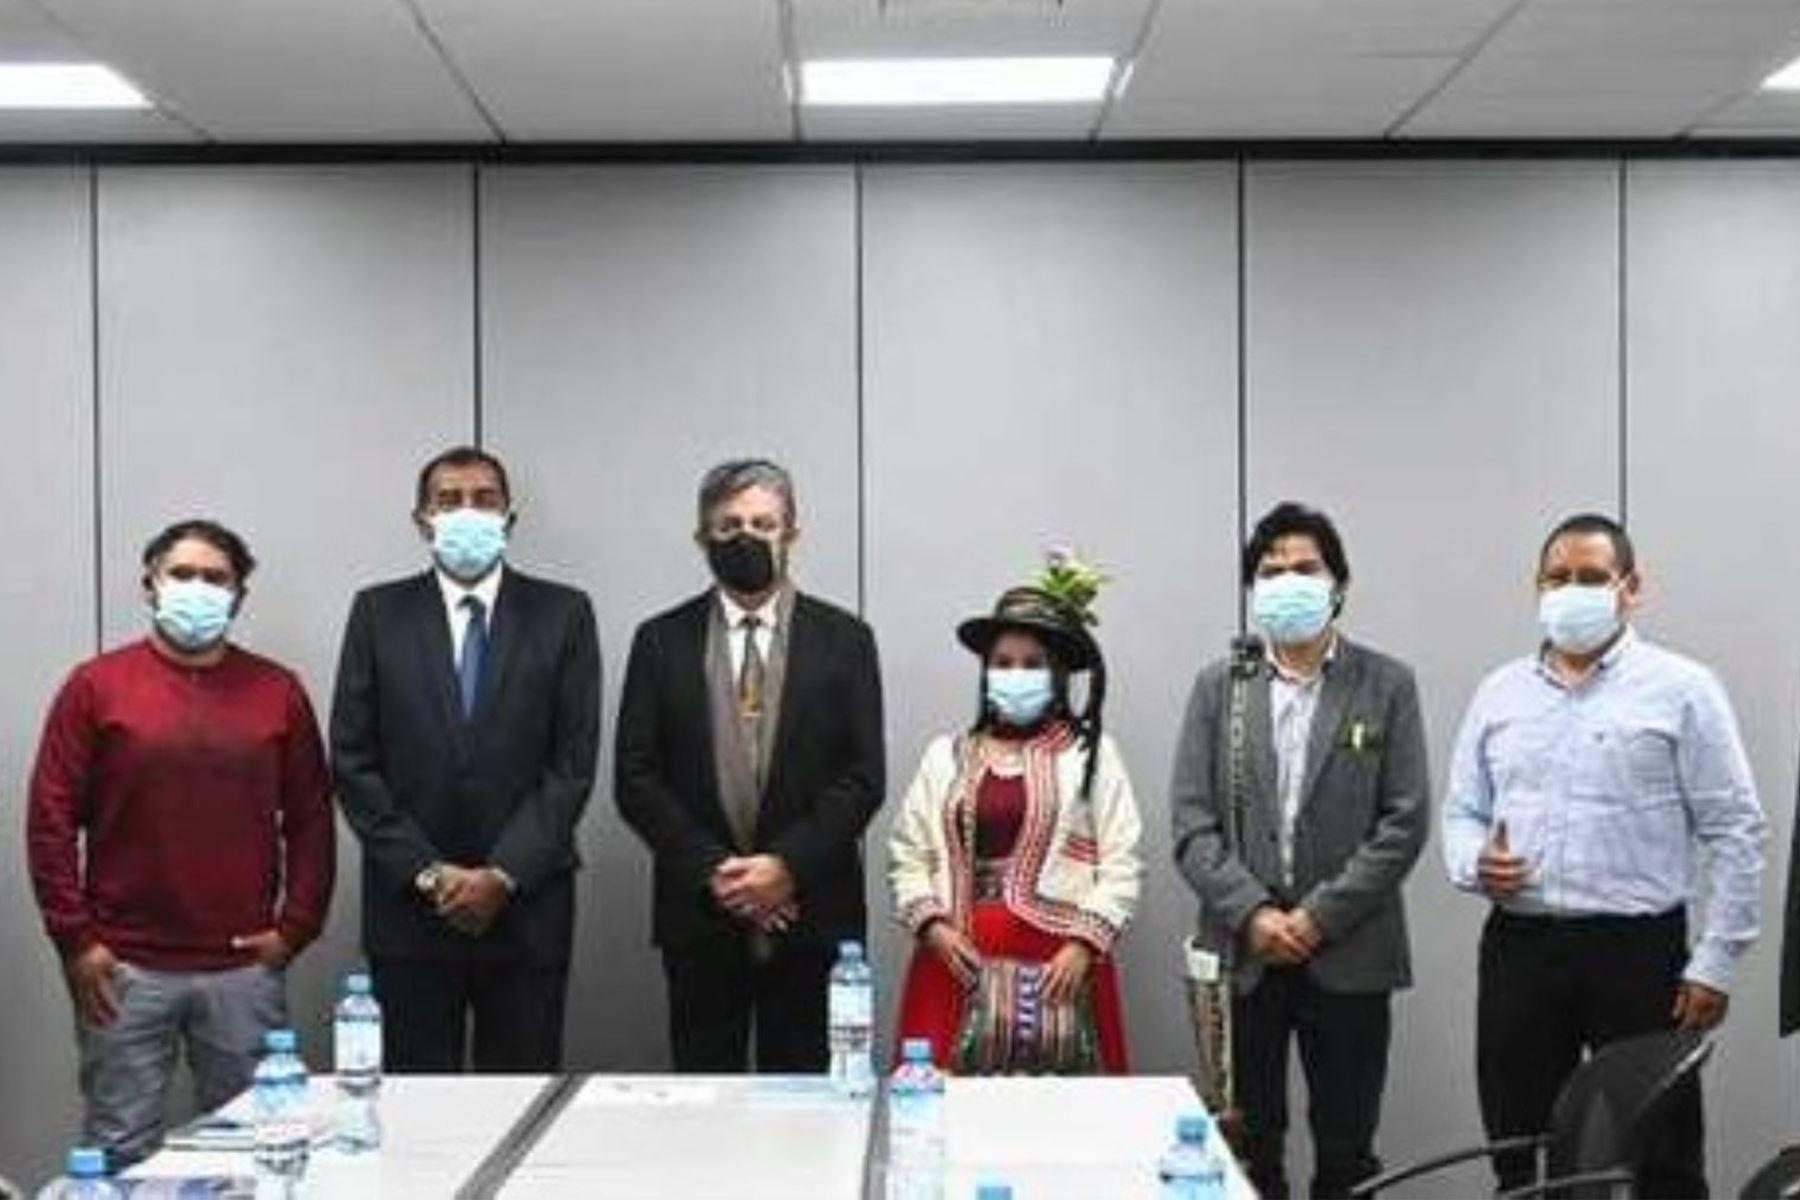 Ministro de Energía y Minas, Iván Merino se reunió con representantes de la localidad de Corire de Moquegua. Foto: Cortesía.